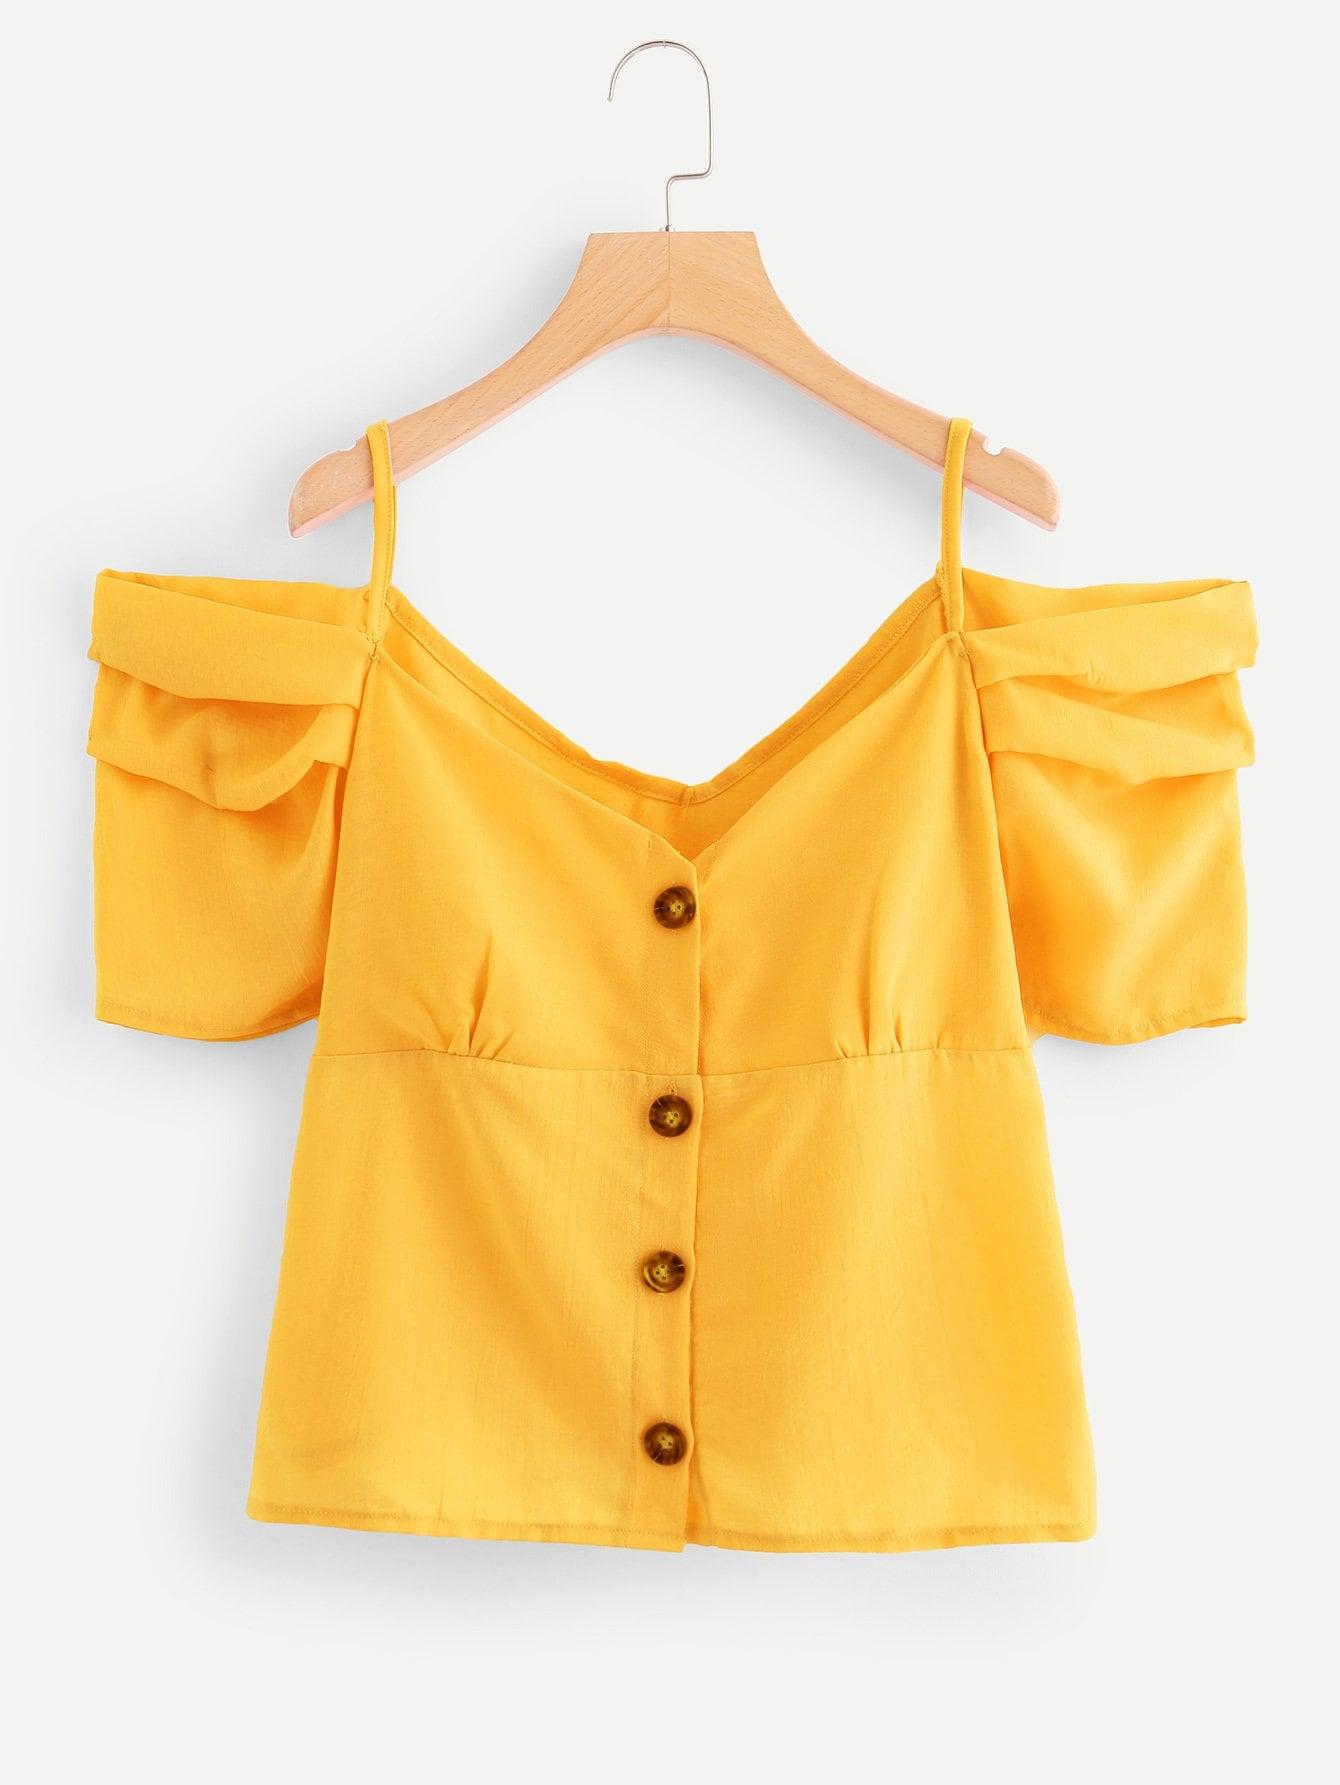 Купить Элегантный Одноцветный Пуговица Желтый Блузы+рубашки, null, SheIn